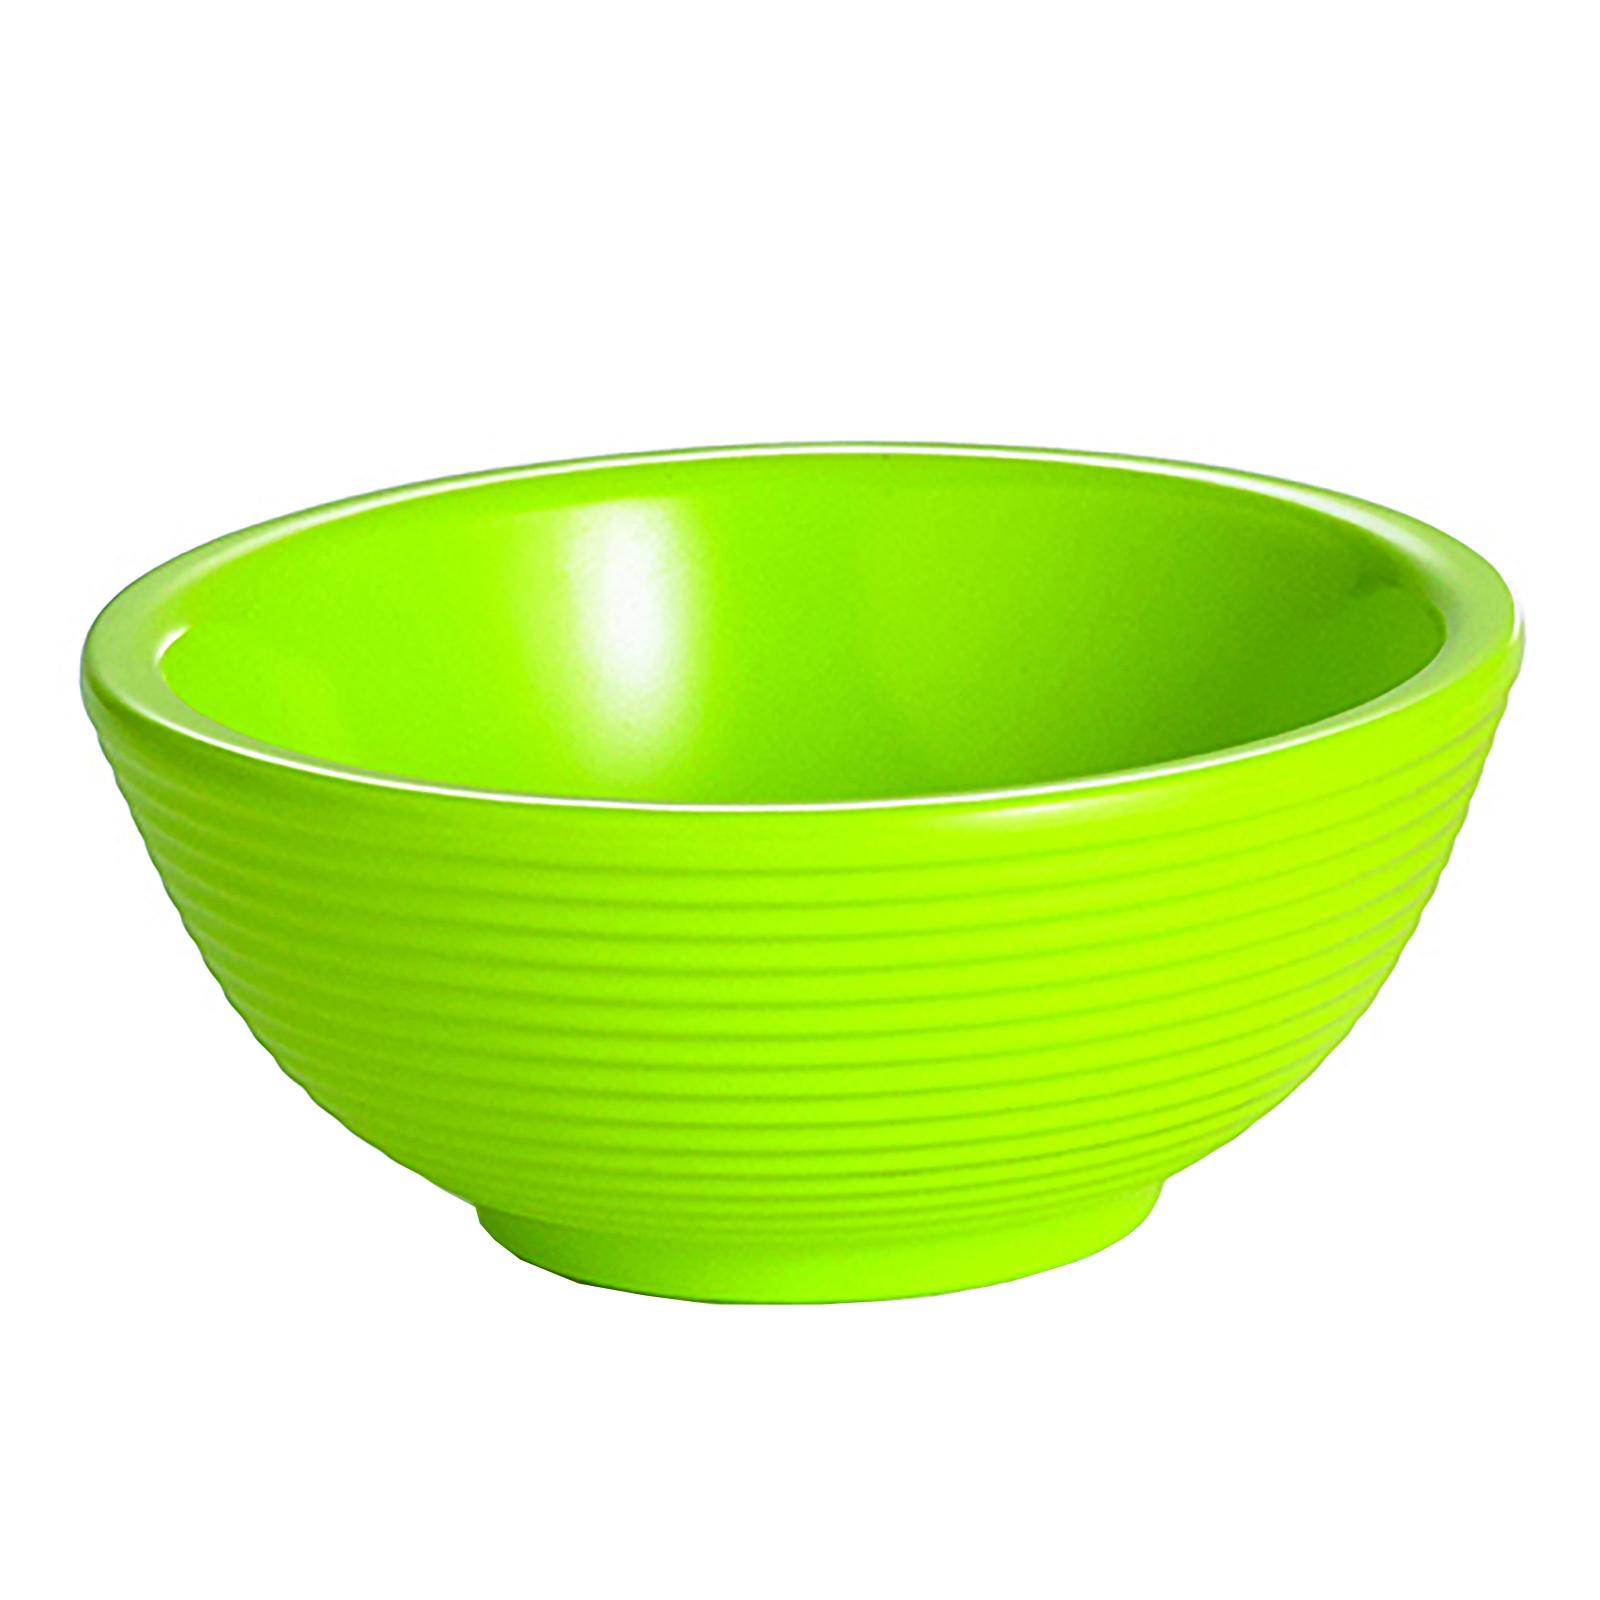 TableCraft Products RAM3RGN ramekin / sauce cup, plastic